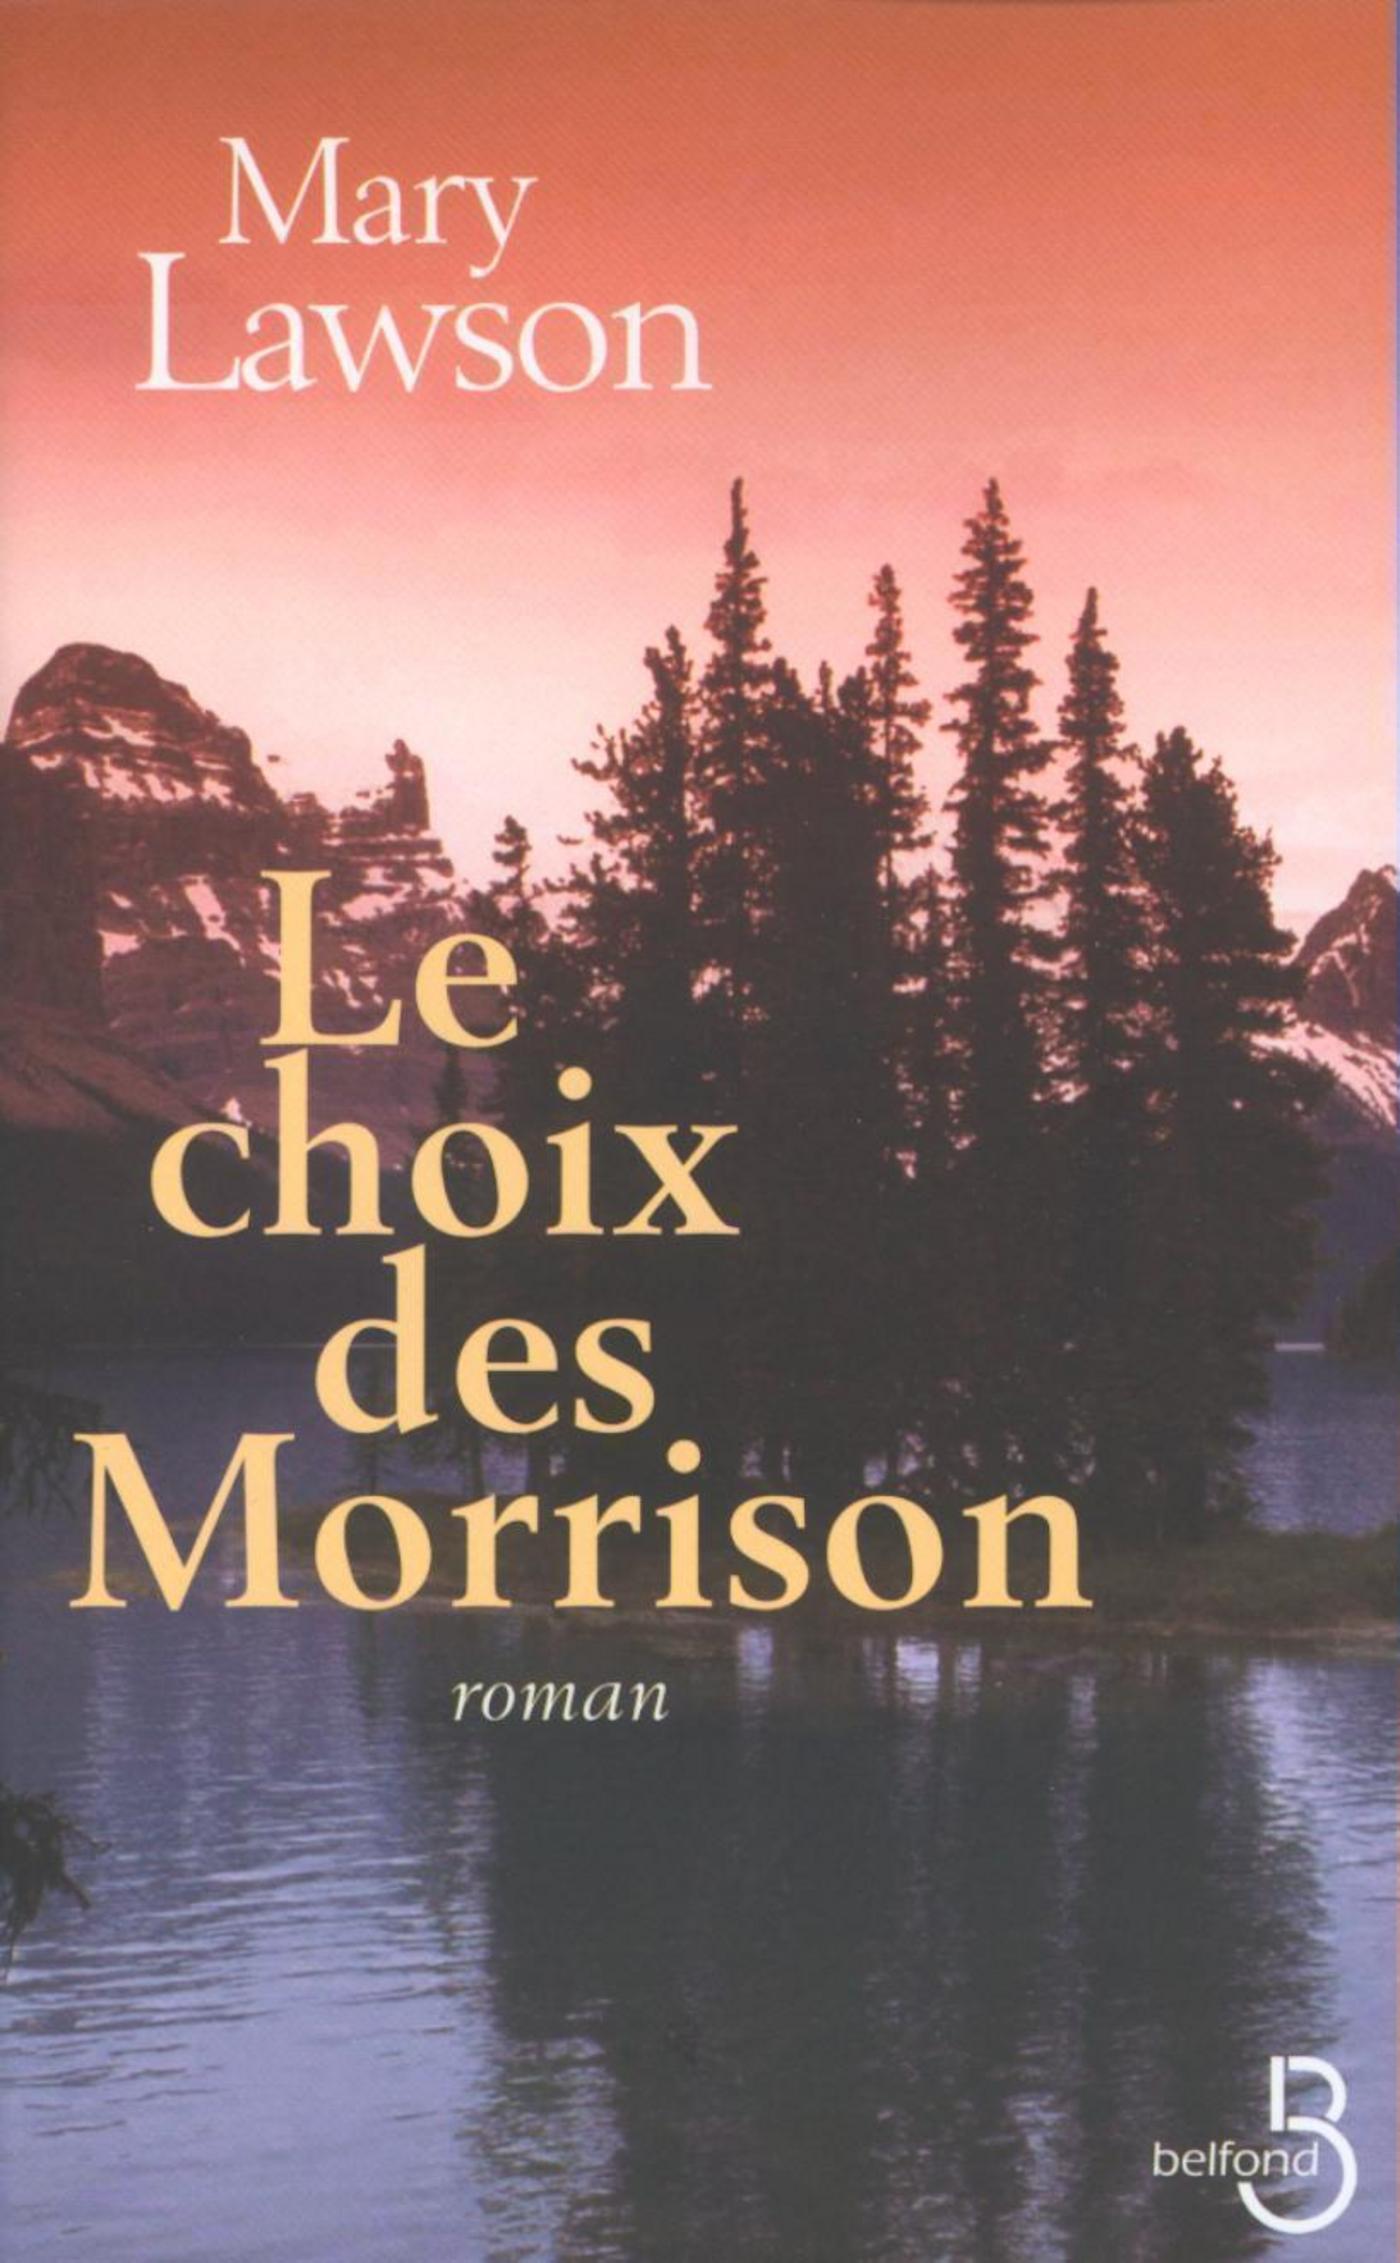 Le choix des Morrison